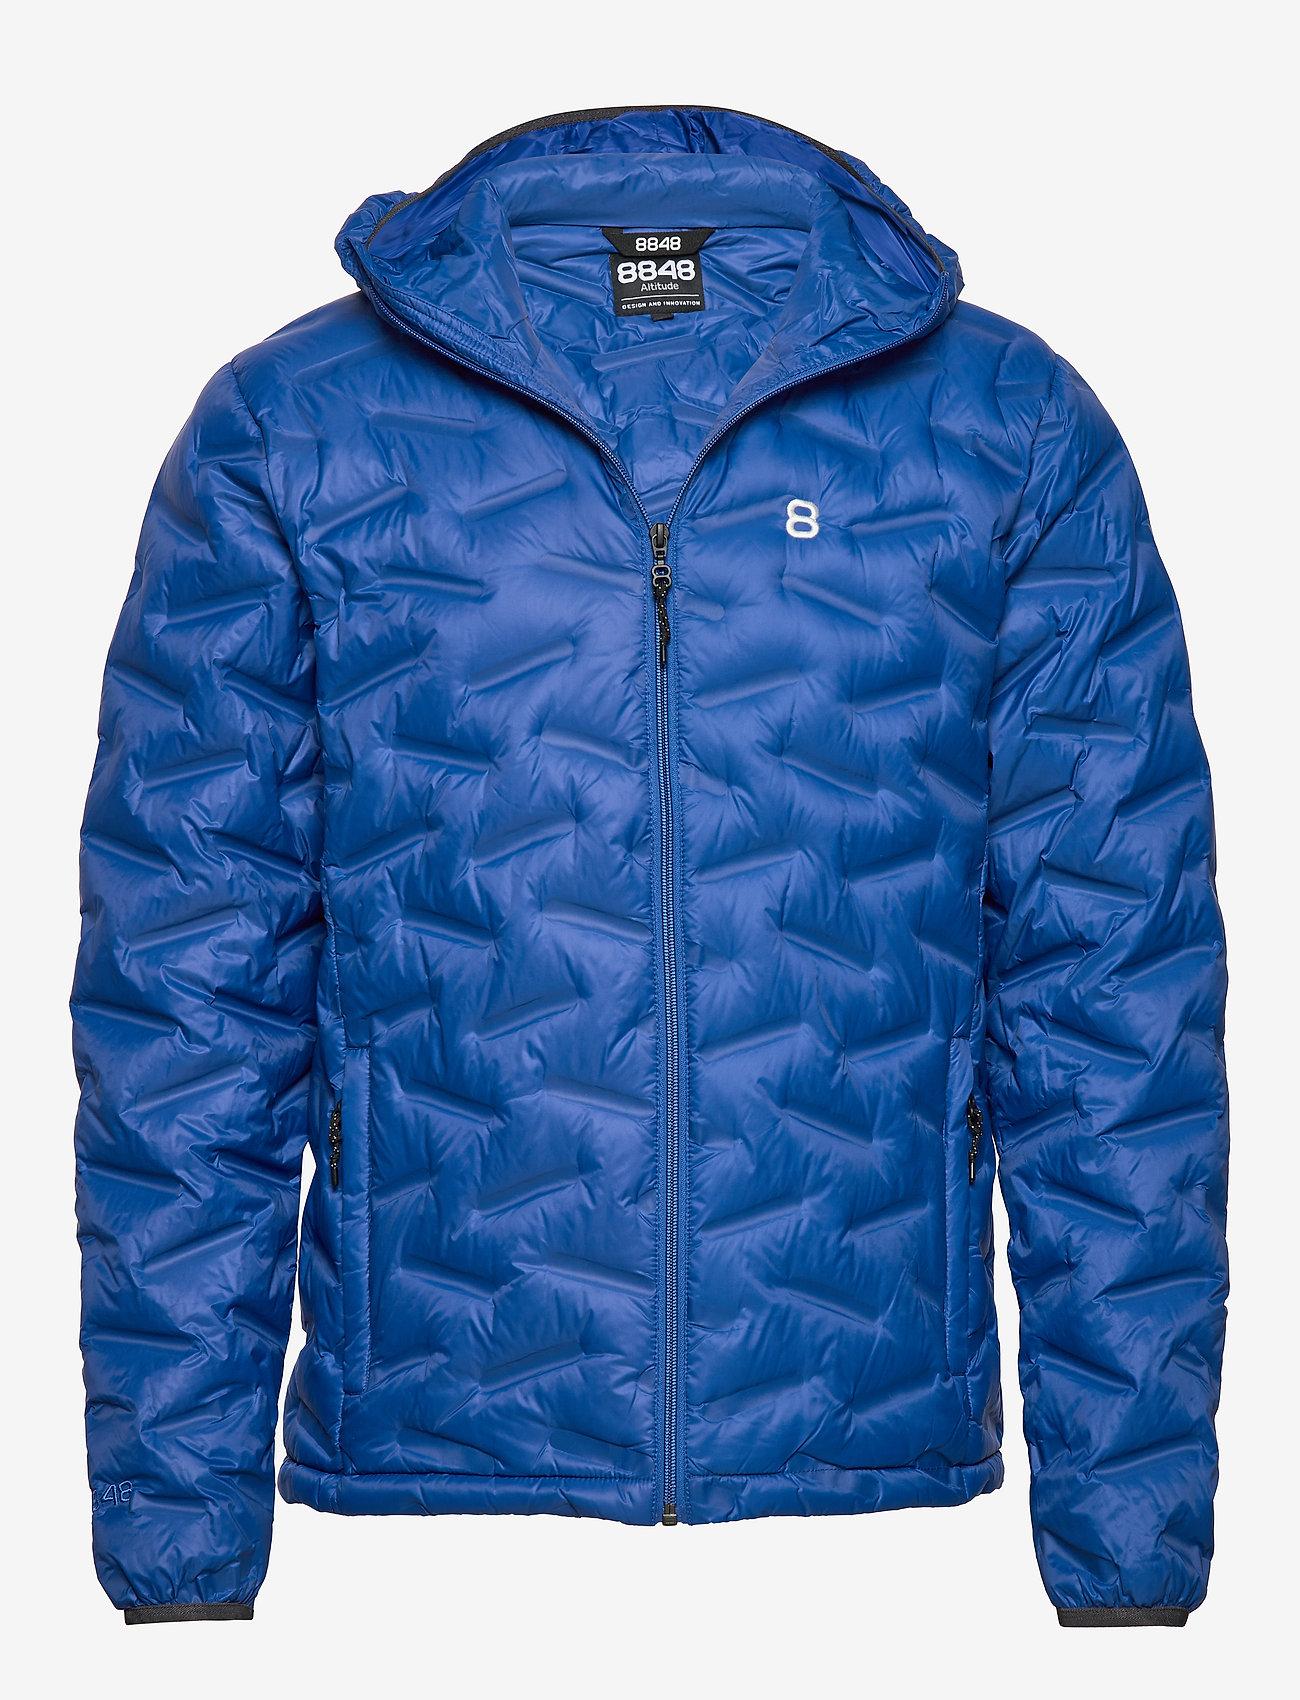 8848 maximilia damen jacke blau